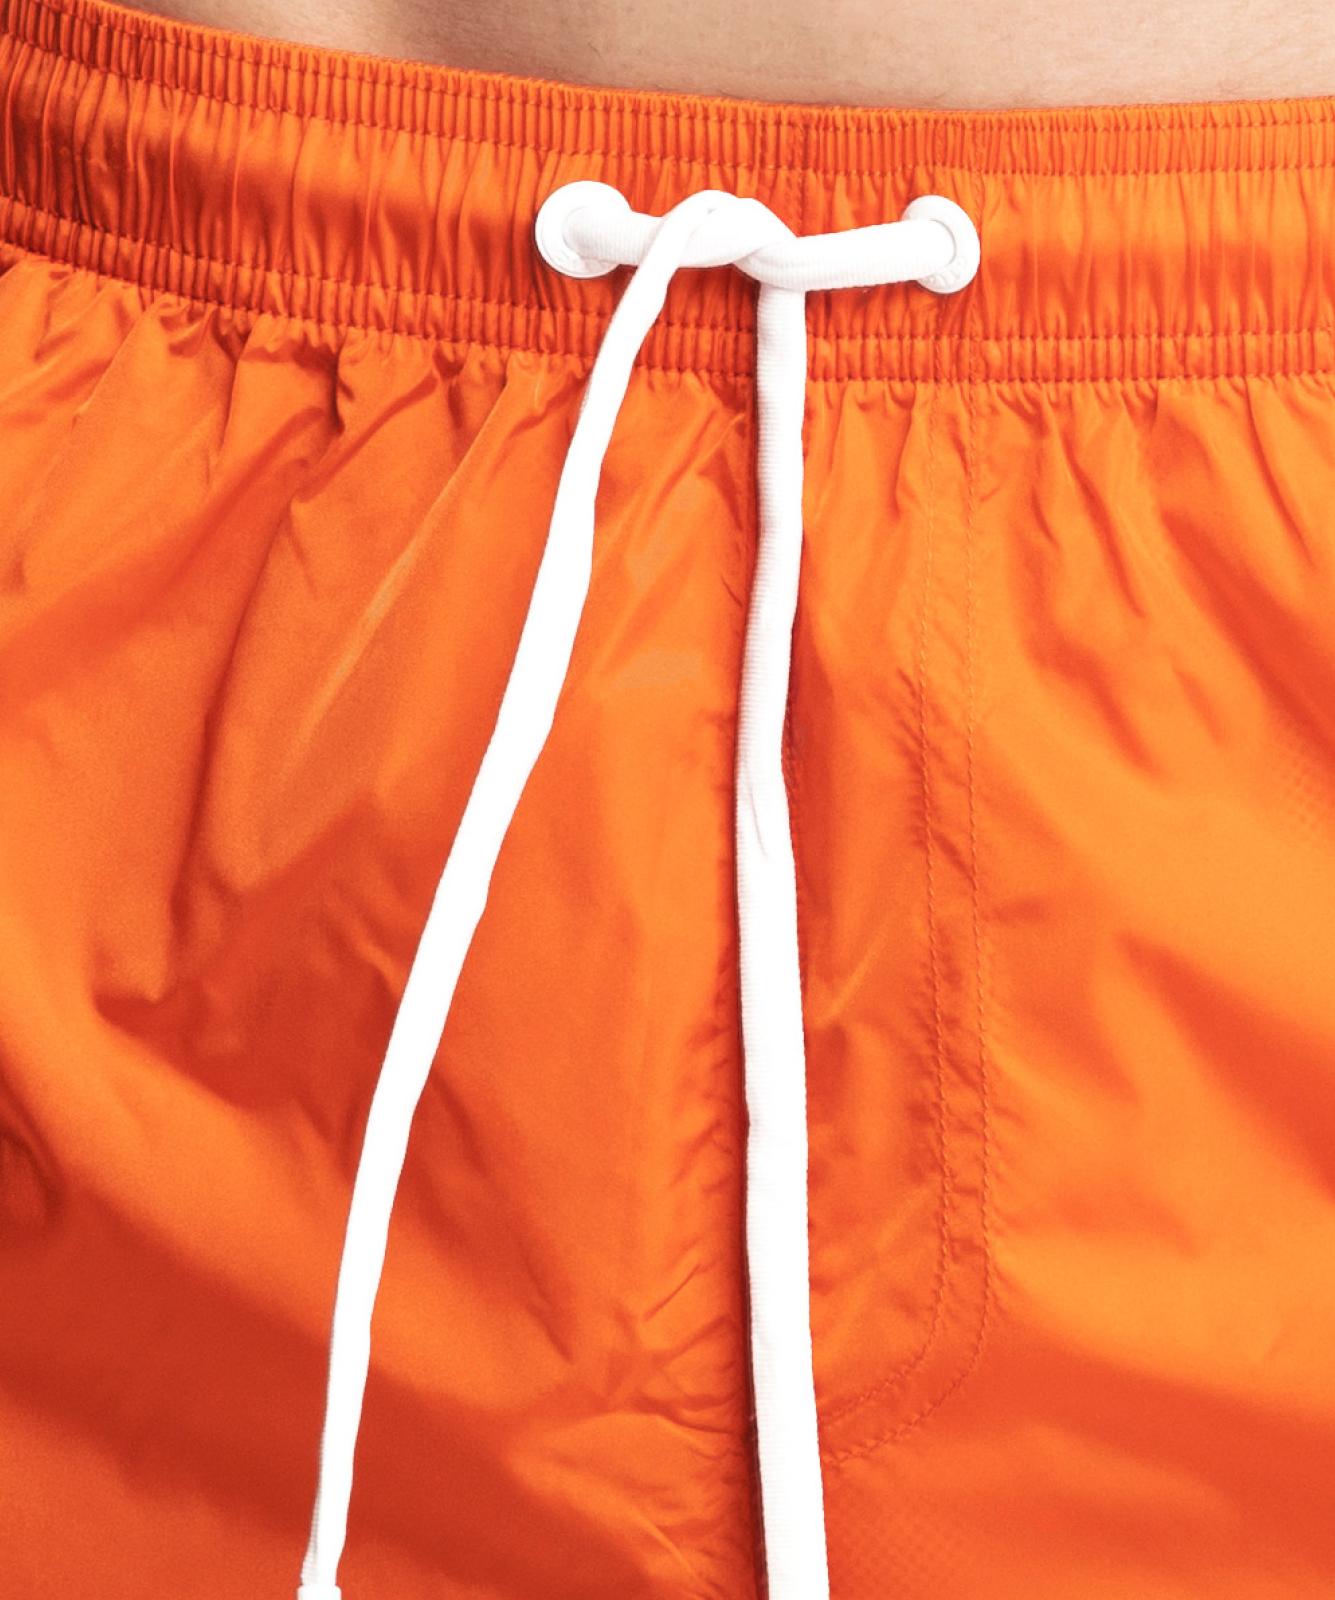 Пляжные шорты мужские Atlantic, 1 шт. в уп., полиэстер, оранжевые, KMB-188